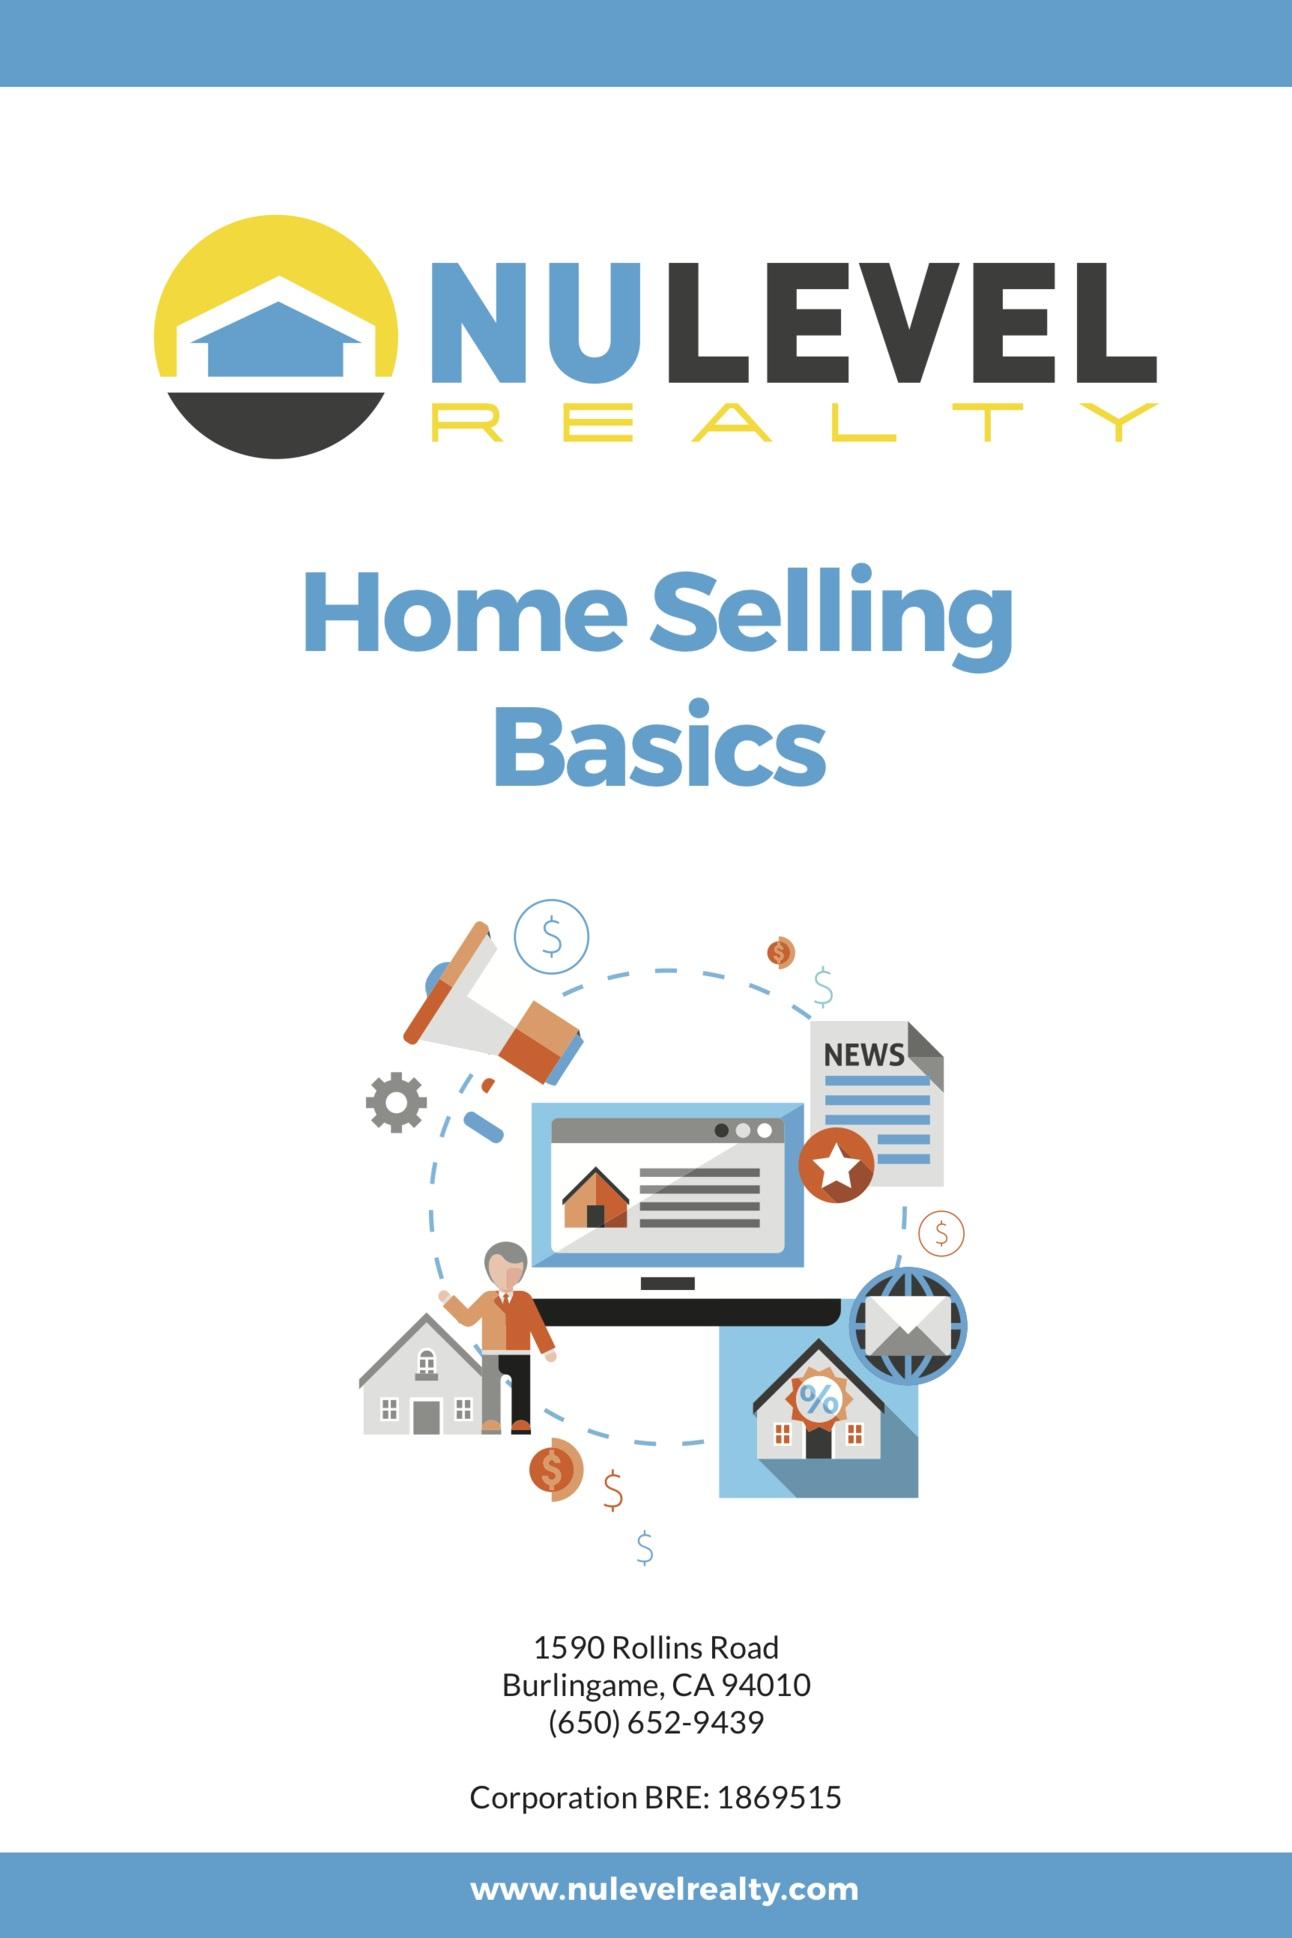 Home+Selling+Basics+10+tips.jpg